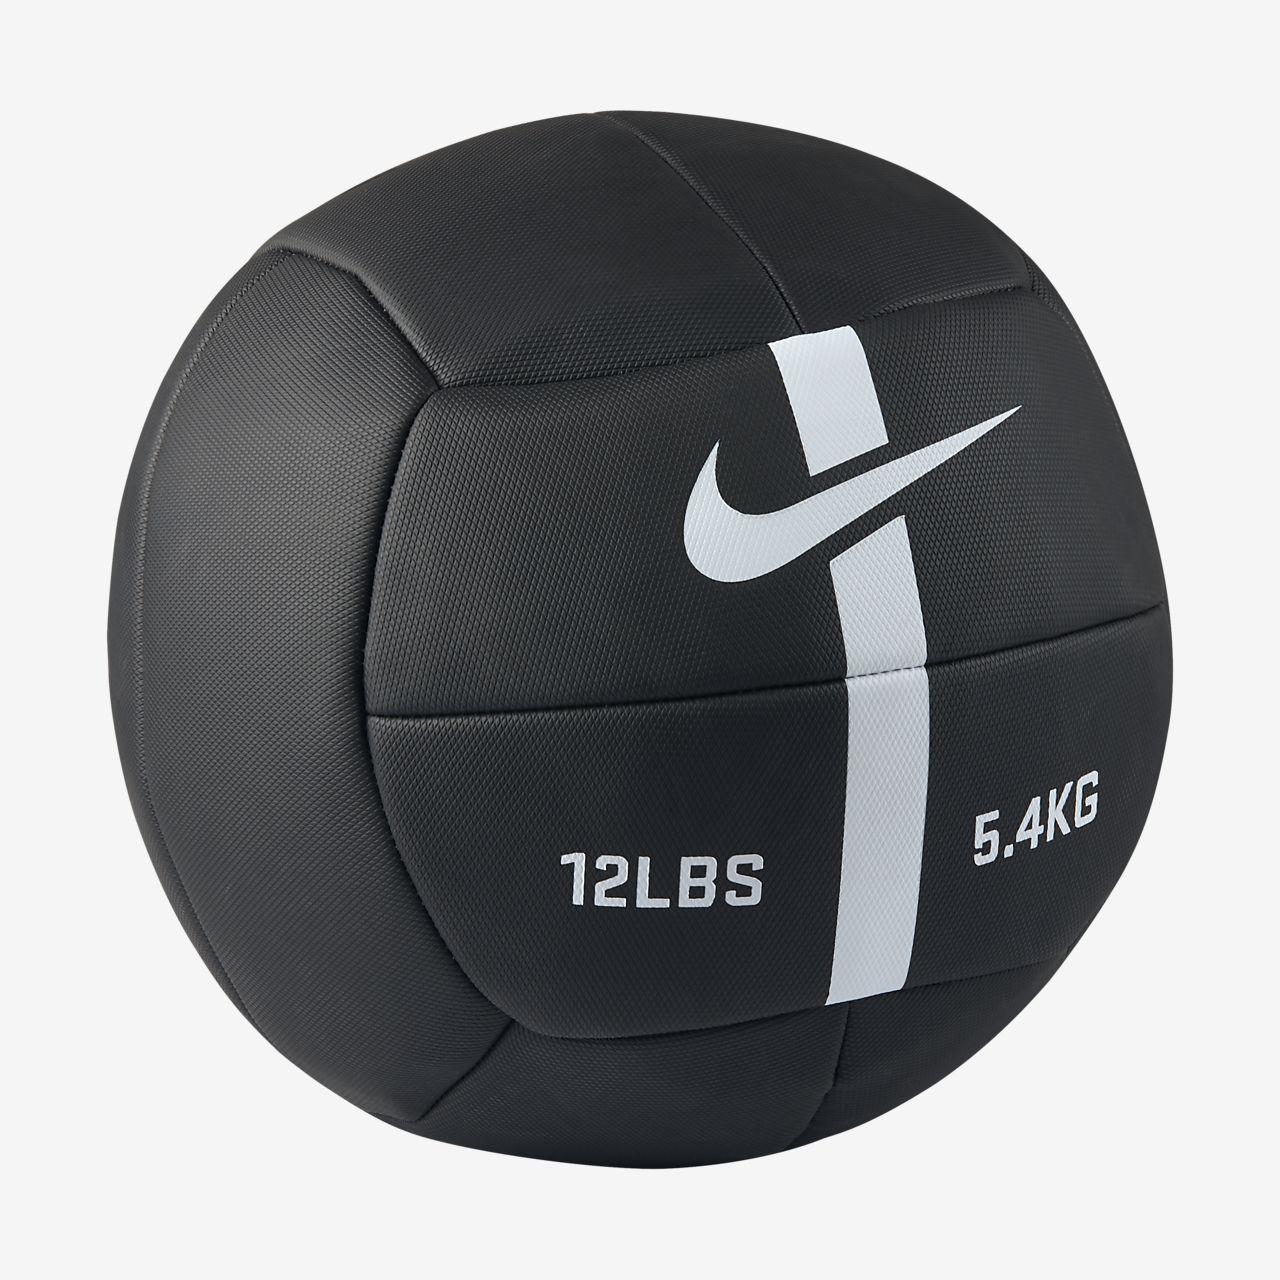 Balón de entrenamiento de fuerza Nike 5,4 kg